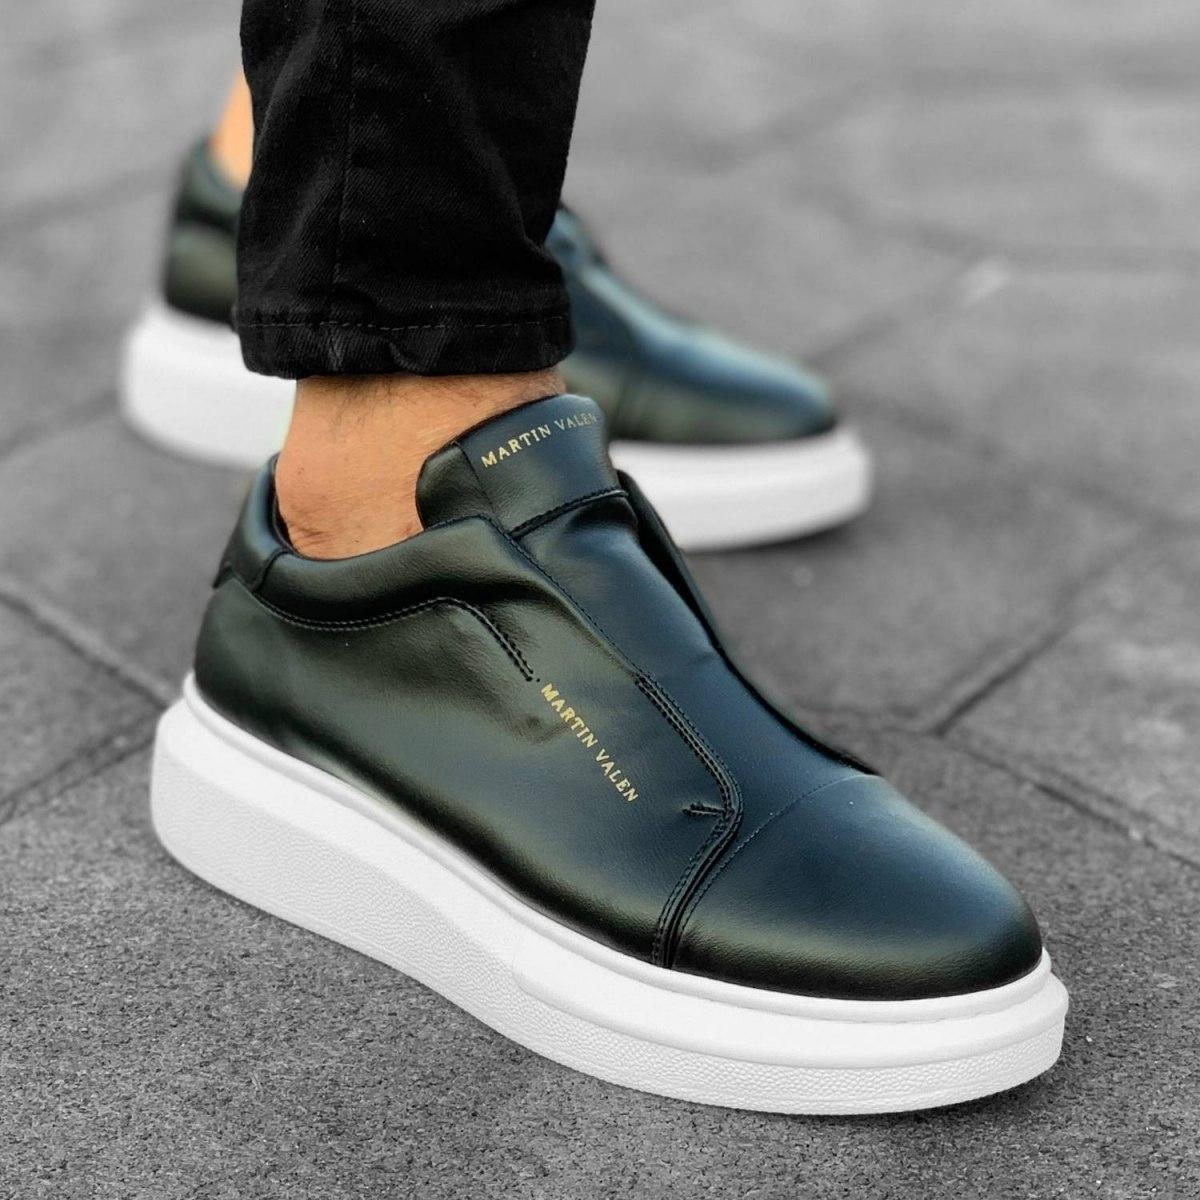 Herren Slip-On Sneakers Ohne Schnürsenkel In Schwarz-Weiß Mv Premium Brand - 5